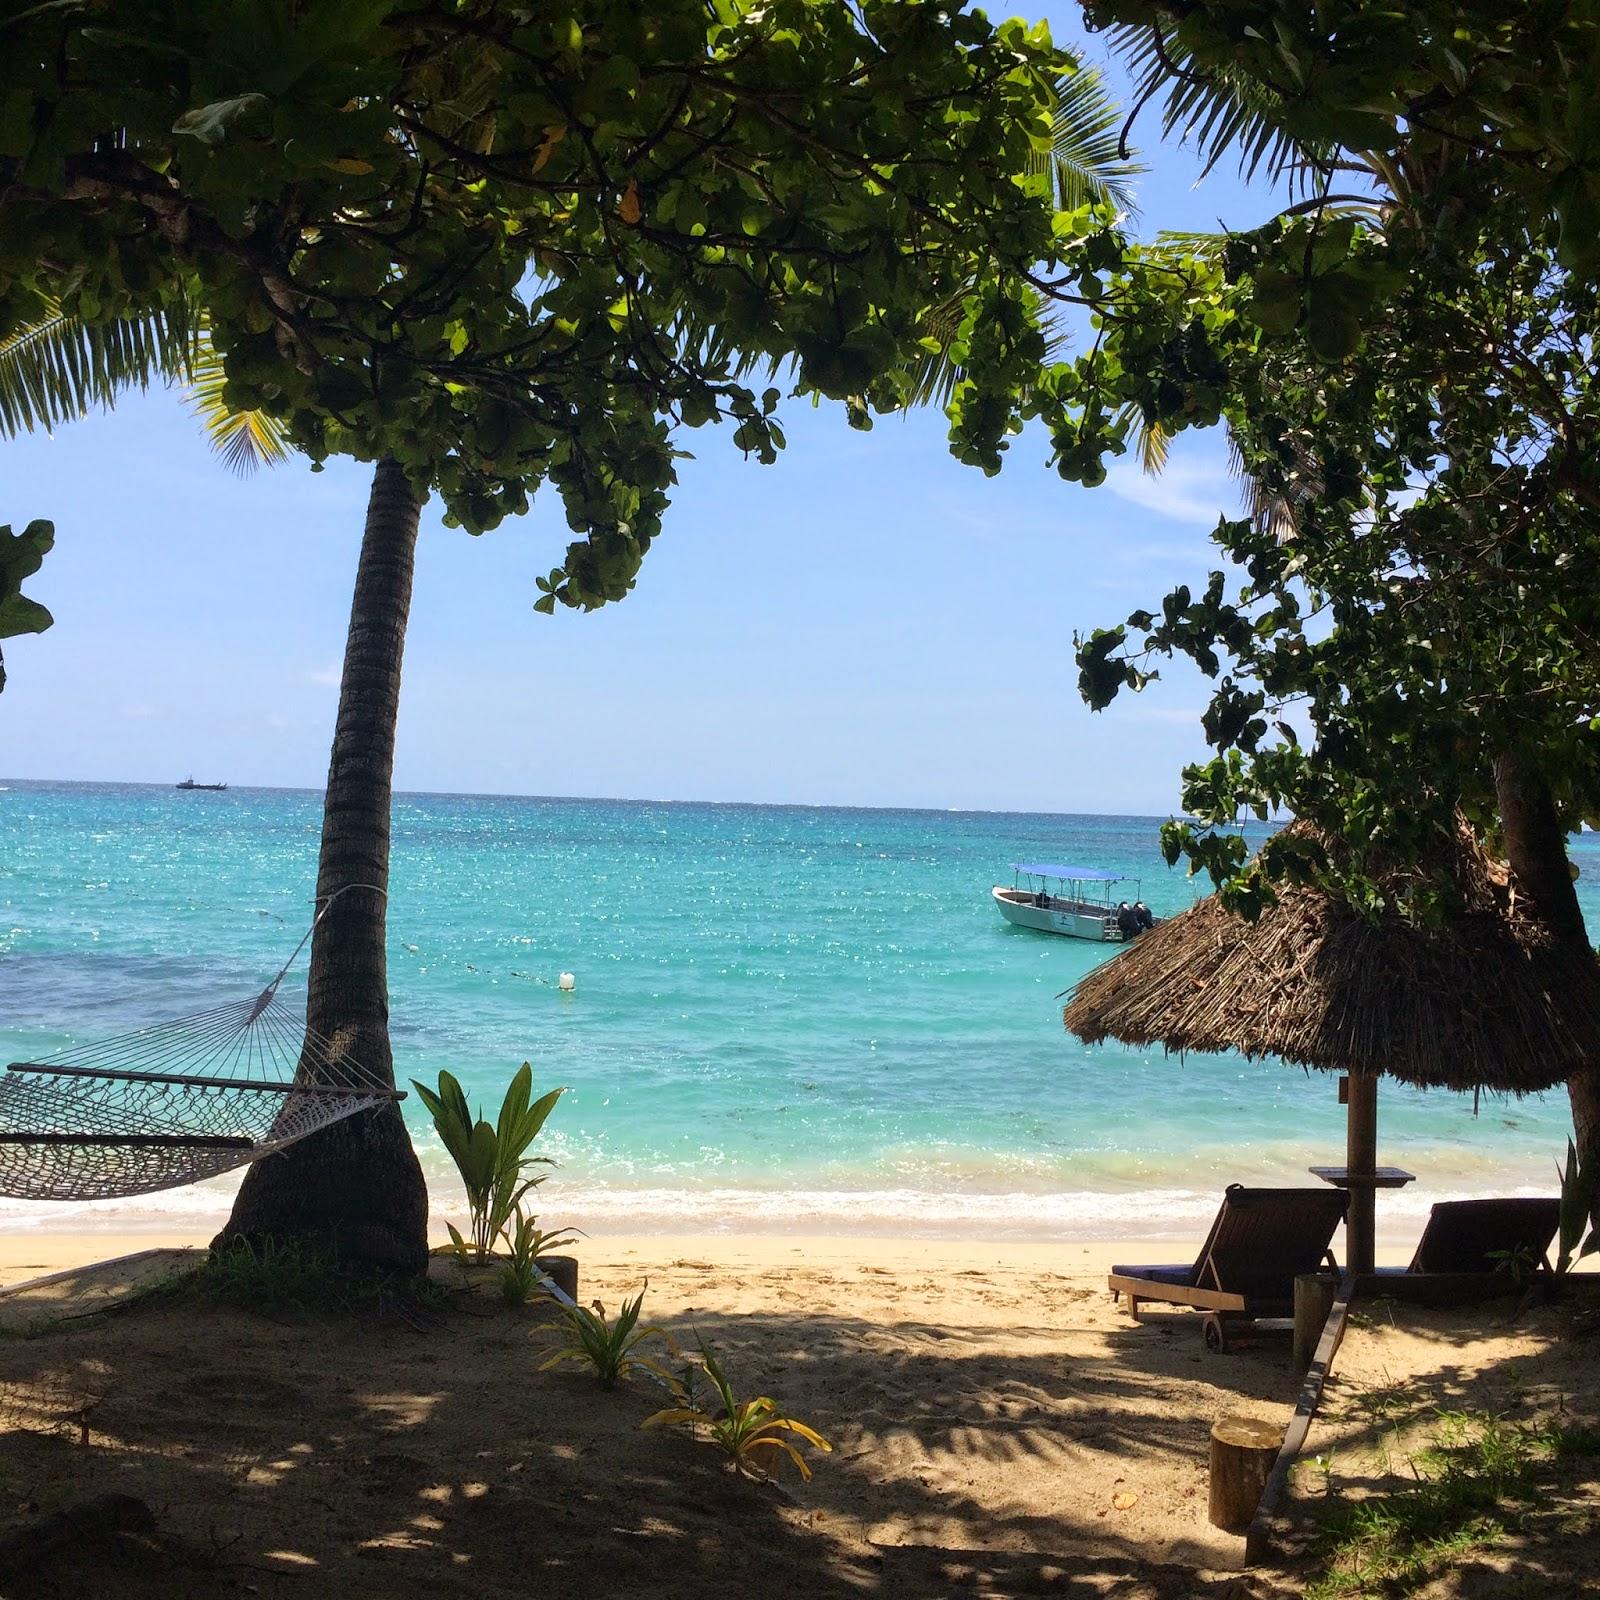 Fiji Beaches: One More Bite Blog